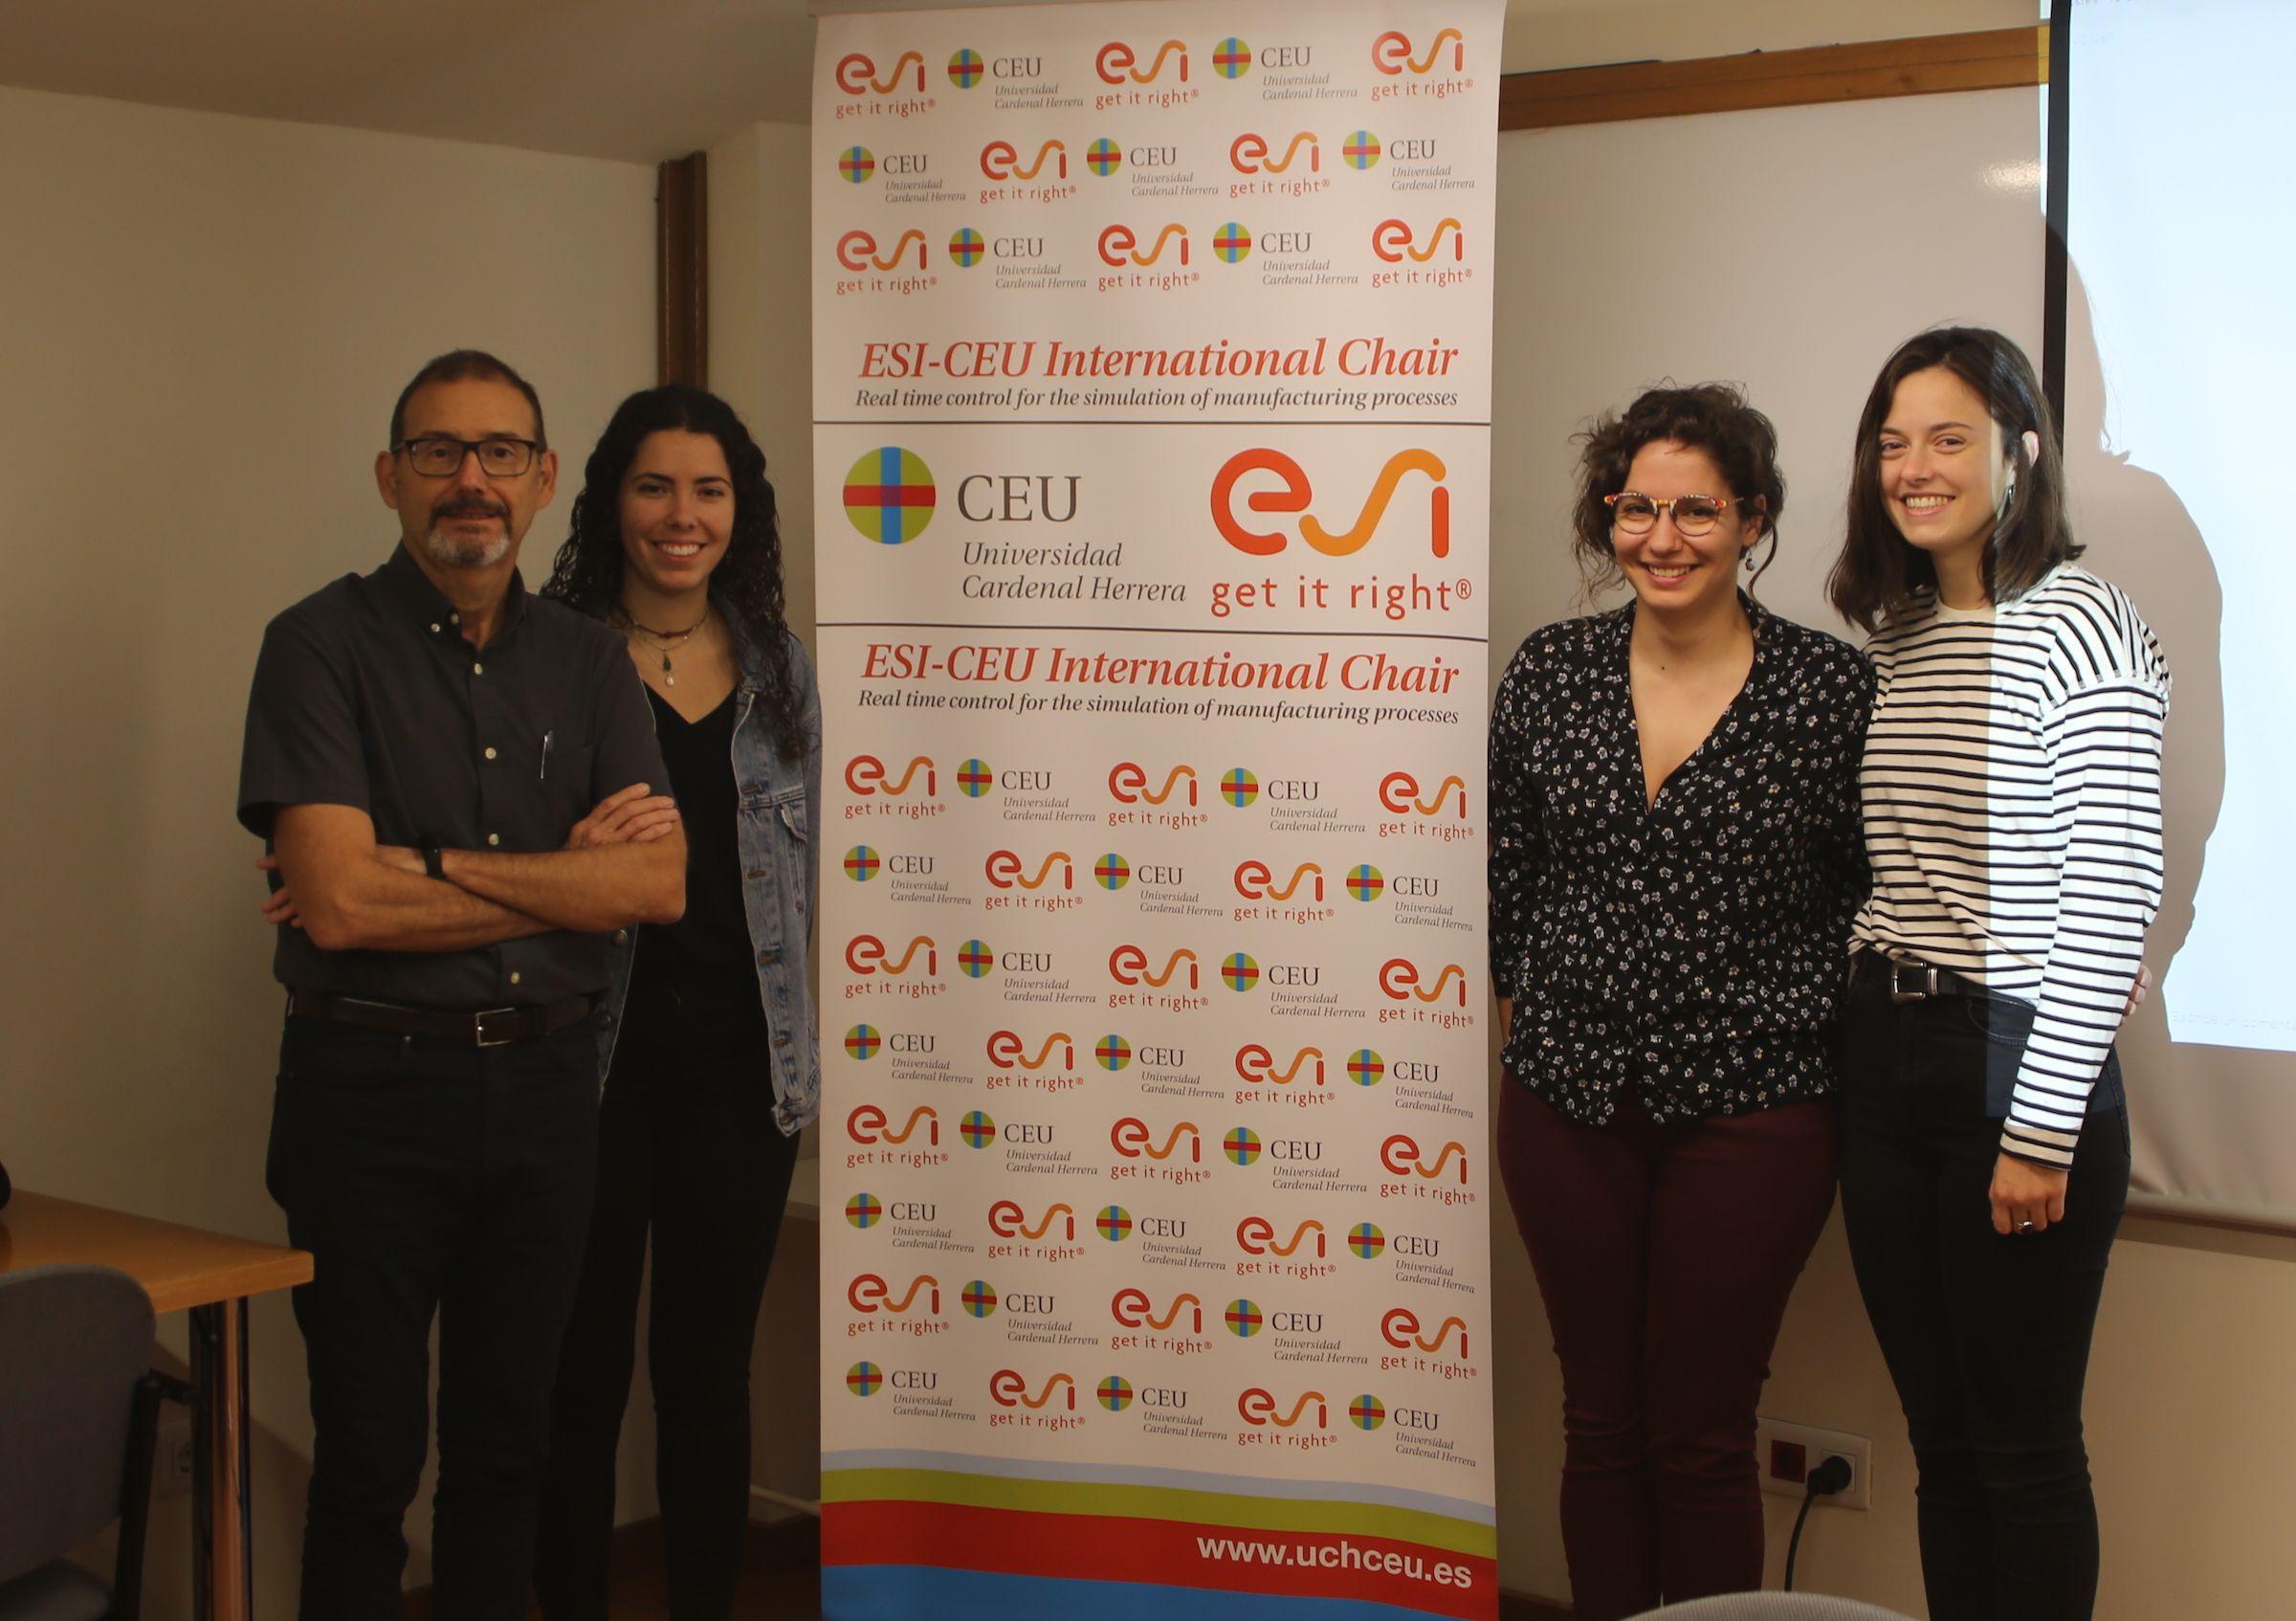 María Simó, Cristina Edo e Irene Hernández realizan sus prácticas de Grado en la Cátedra ESI-CEU, que dirige el profesor Antonio Falcó.